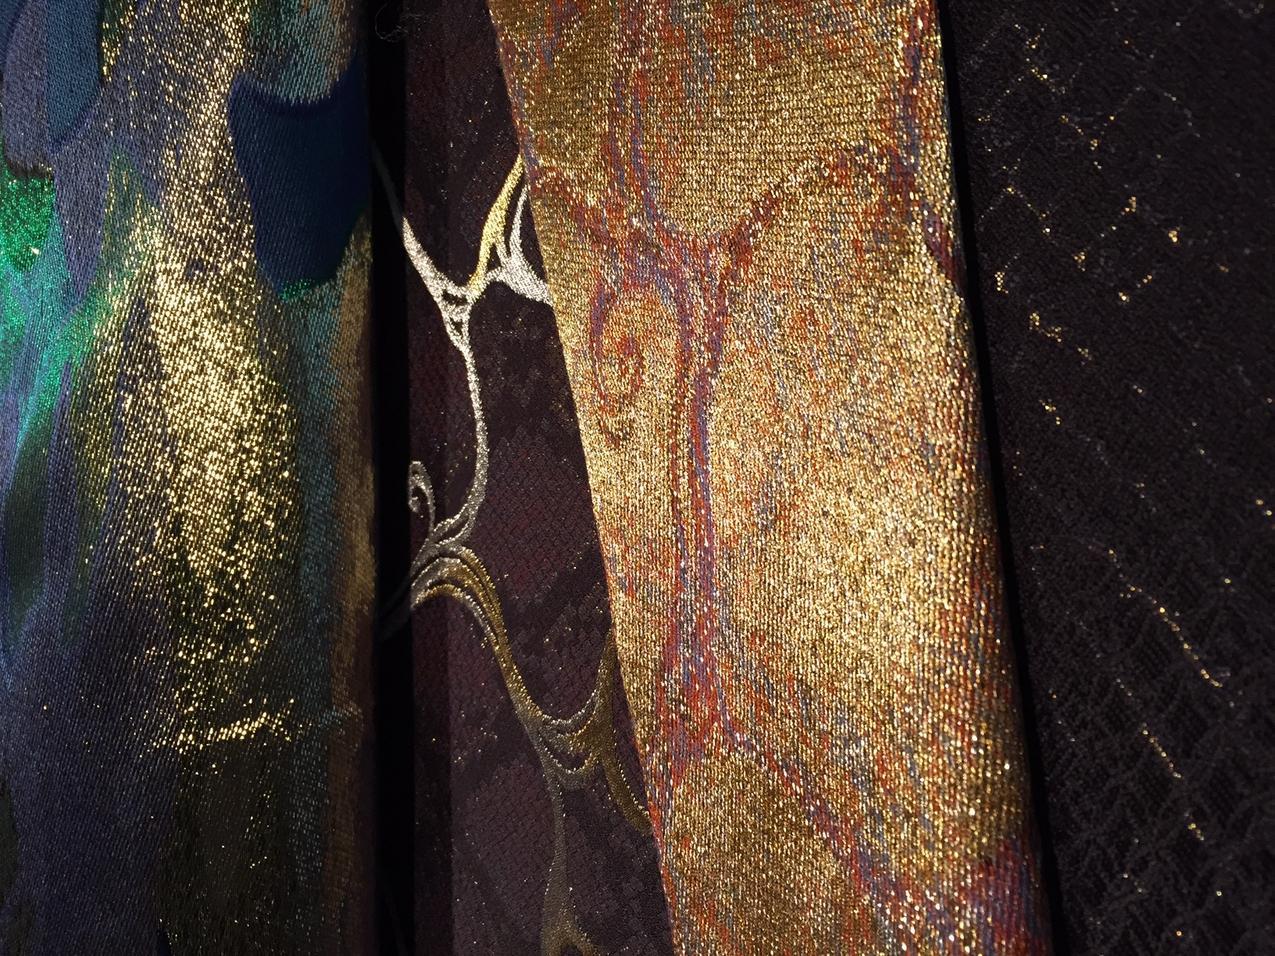 Tkaniny z fabryki Hosoo